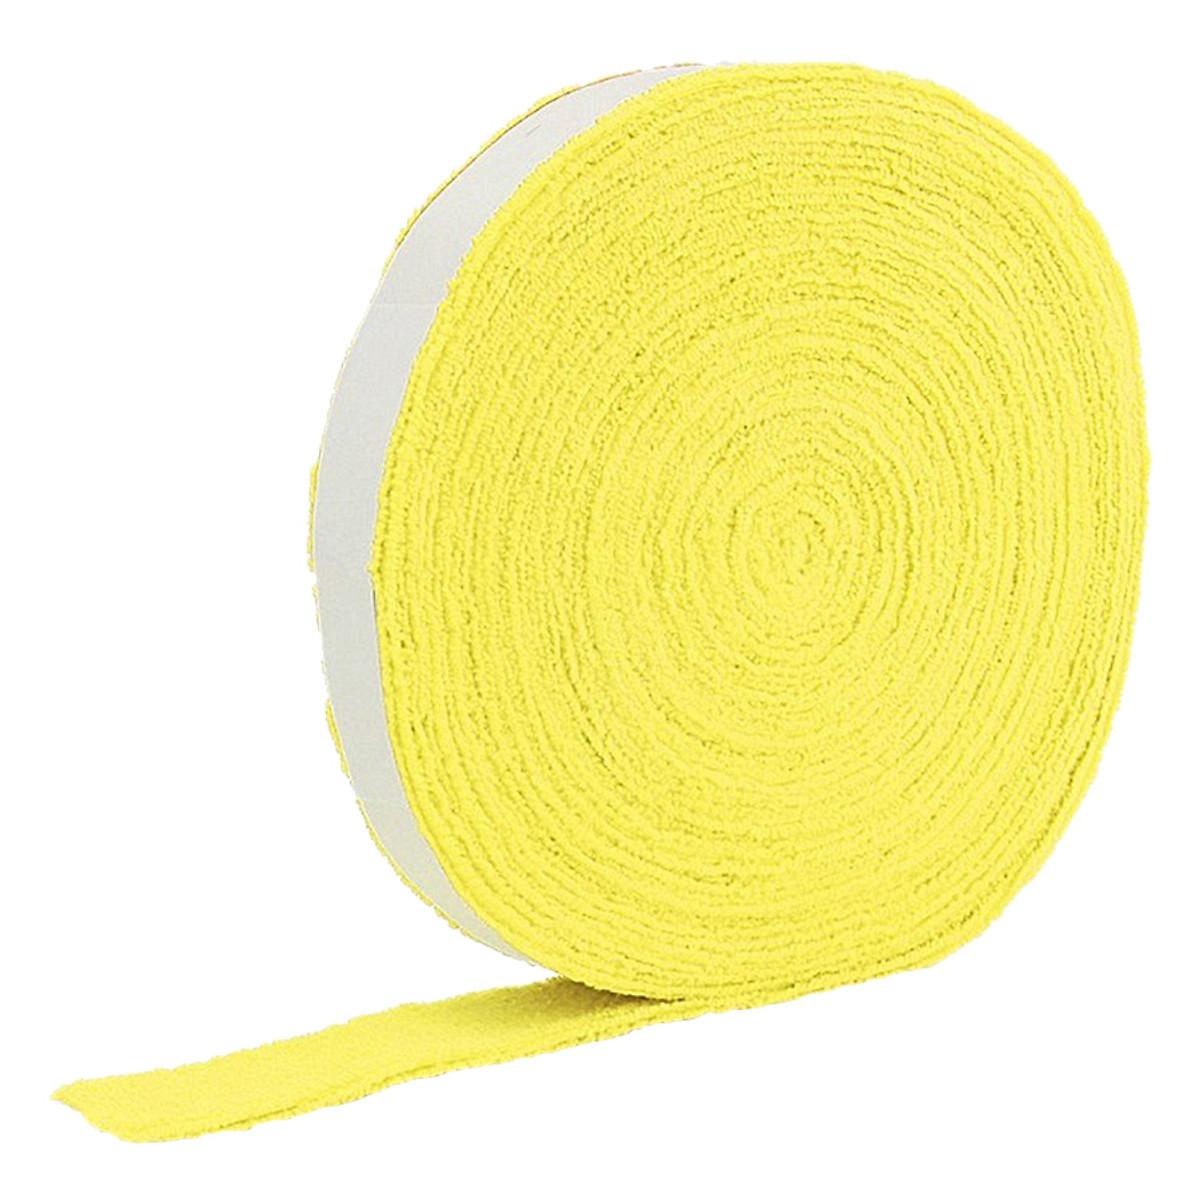 Cuộn Vải Quấn Cán Cầu Lông Popo Sports (1.1m) - 6